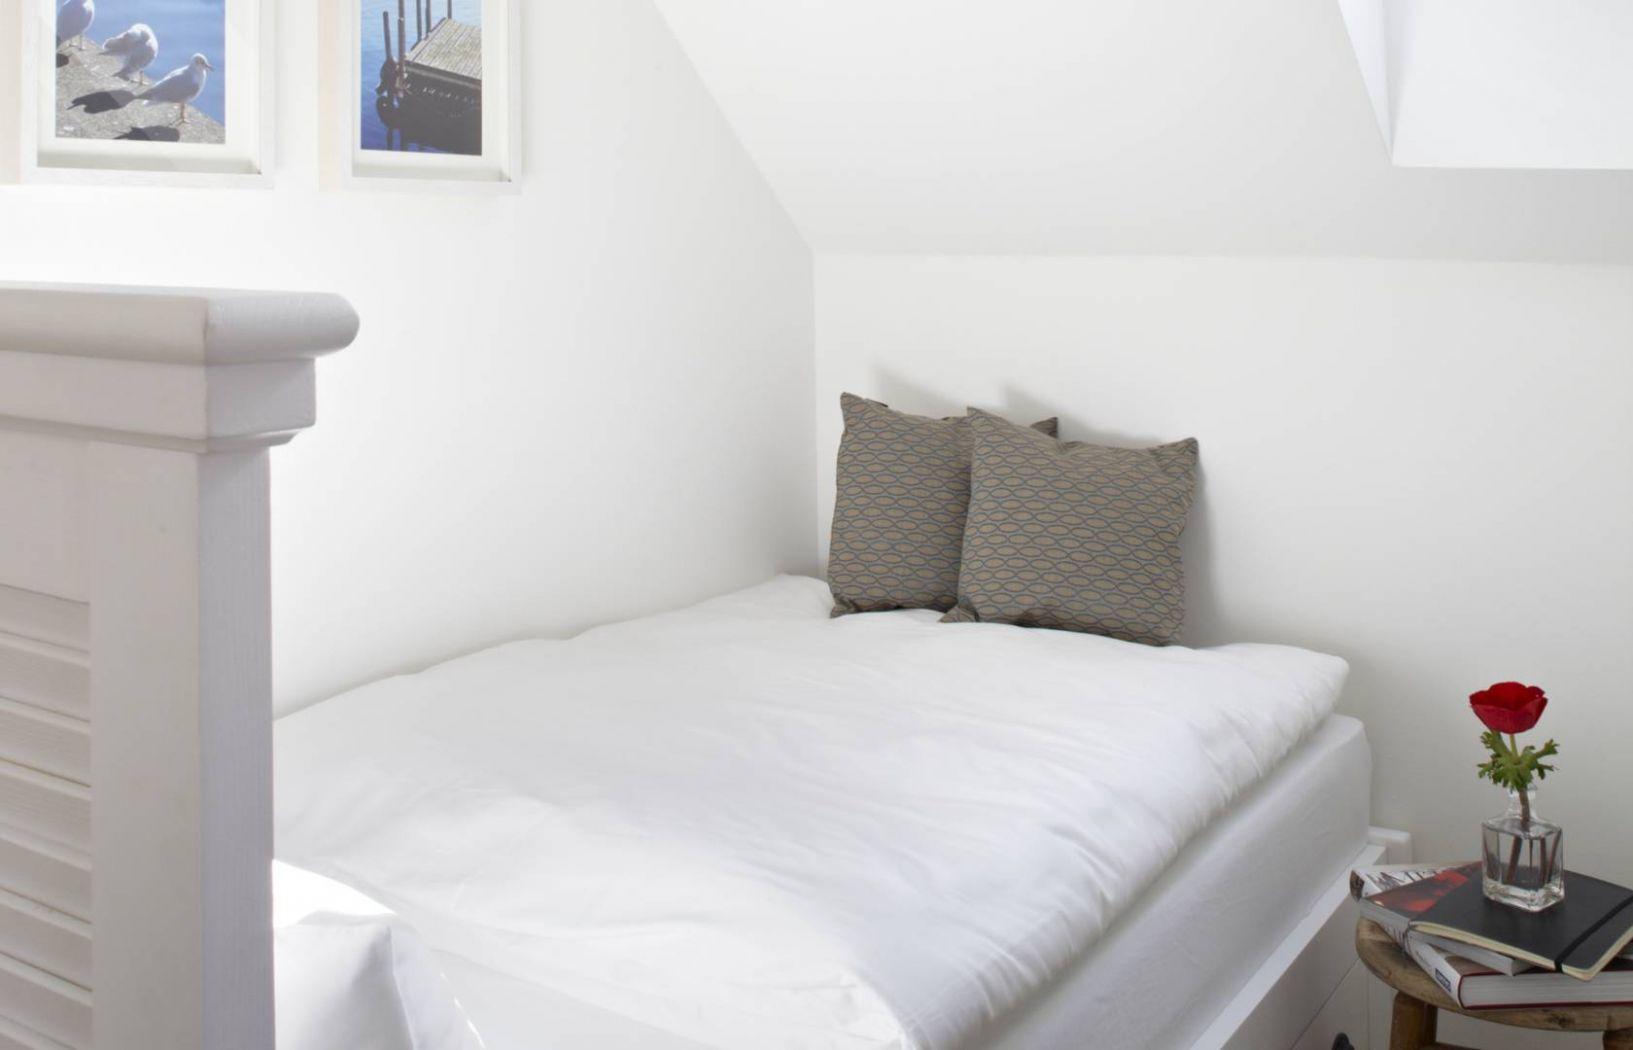 Schrank Für Bettwäsche   Elegant Und Nachhaltig - Ikea - Ikea